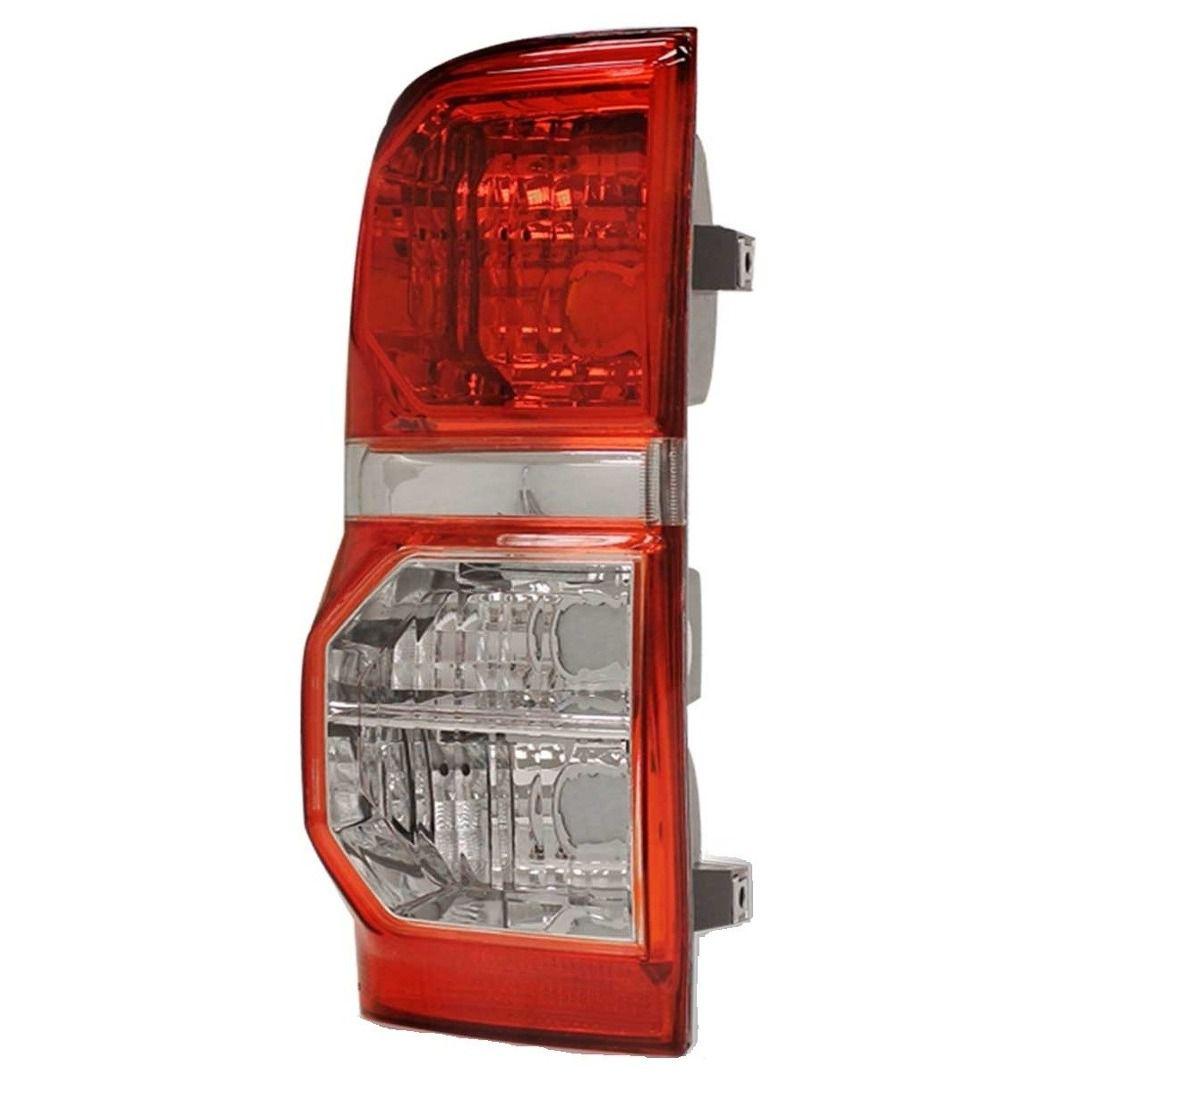 Lanterna Traseira Hilux  Srv12 13 14 serve na 05 06 07 08 09 10 11 12